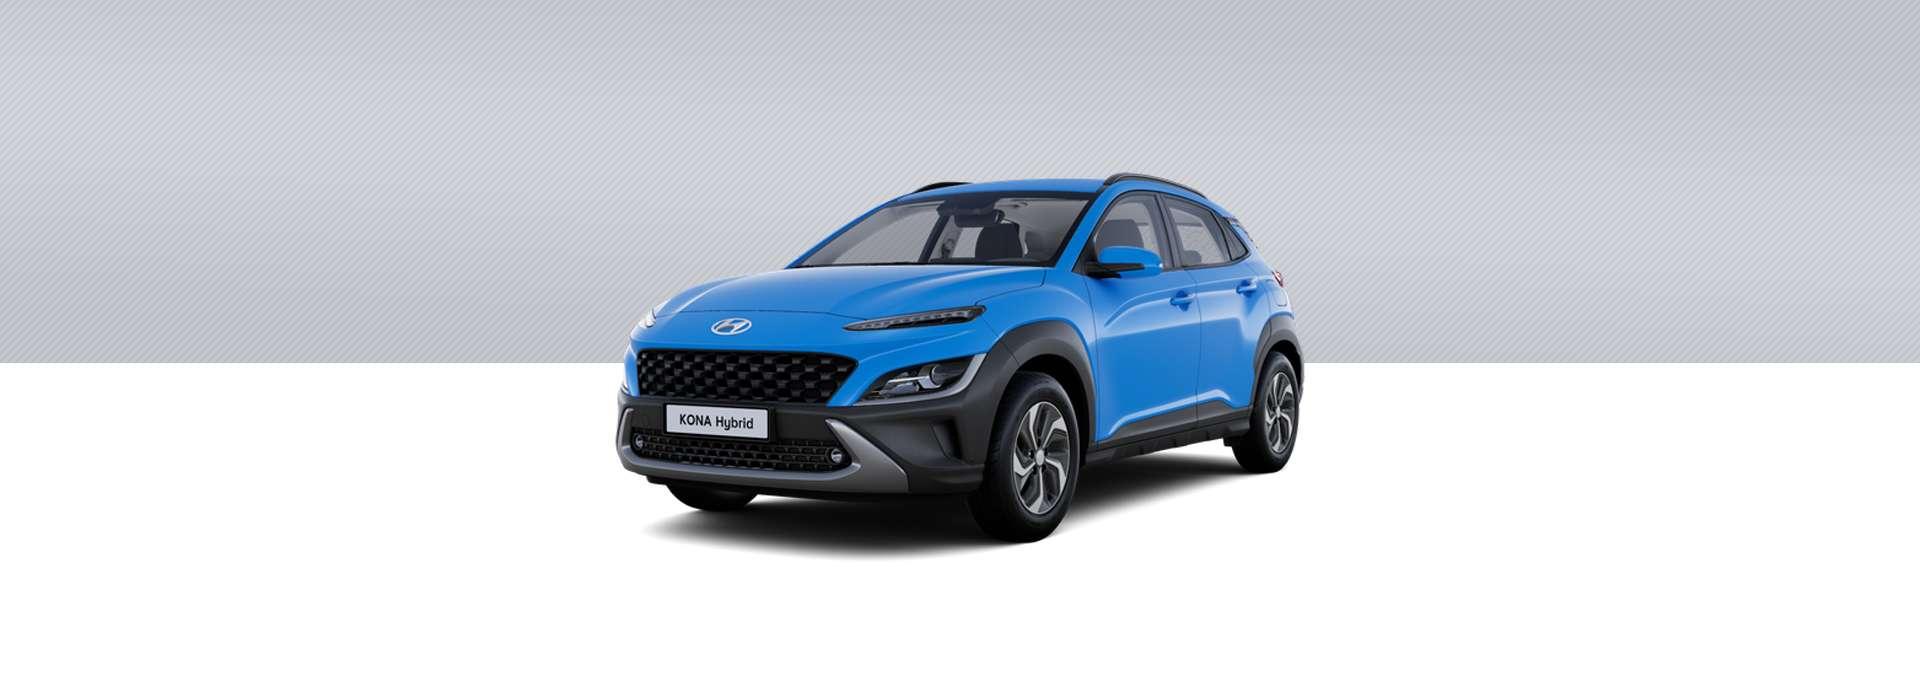 Hyundai Nuevo Kona Híbrido Eléctrico